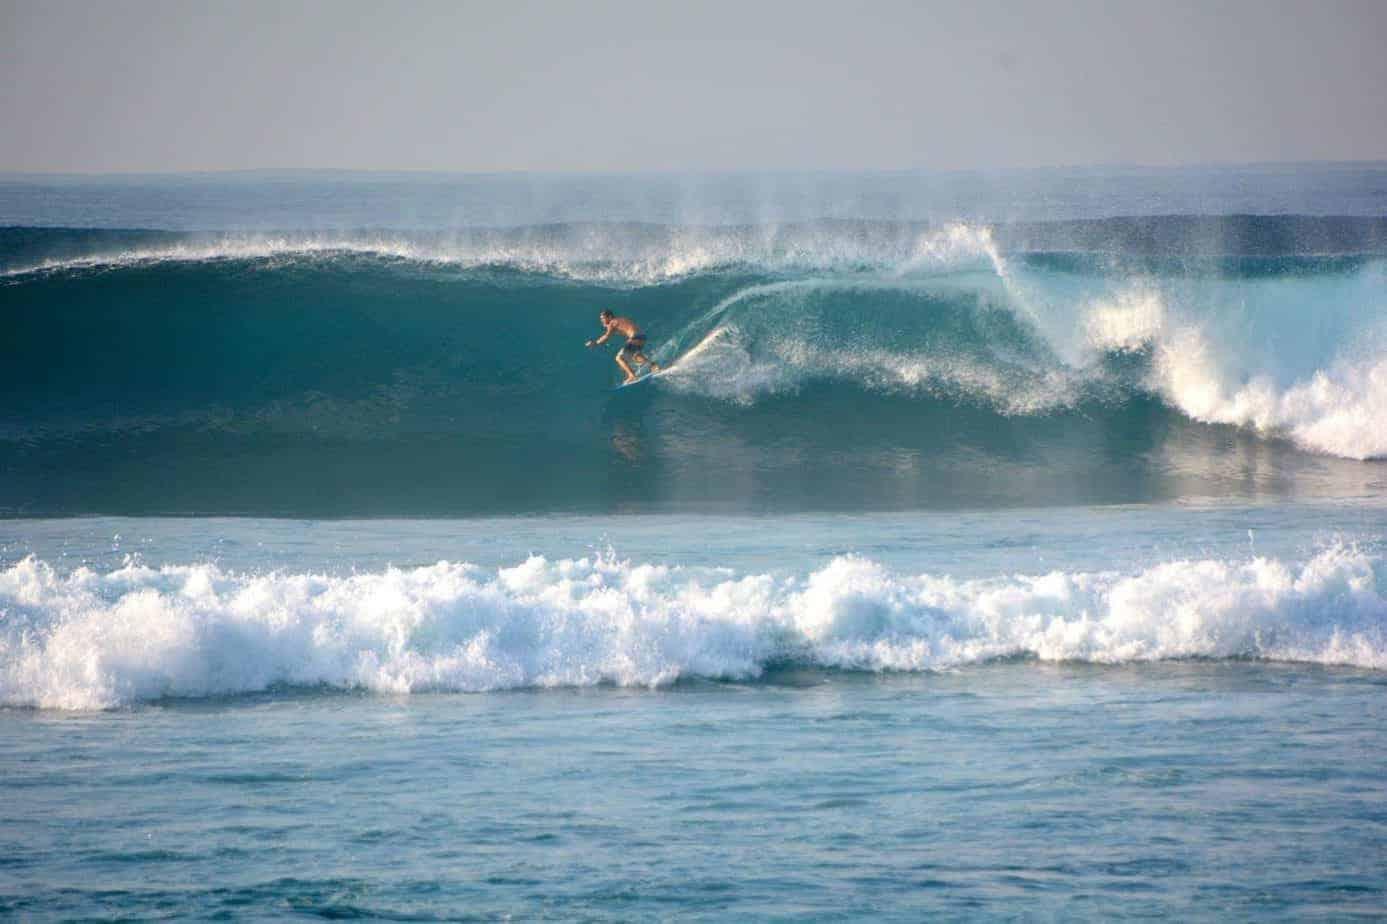 Surfing at Sanur, Bali.